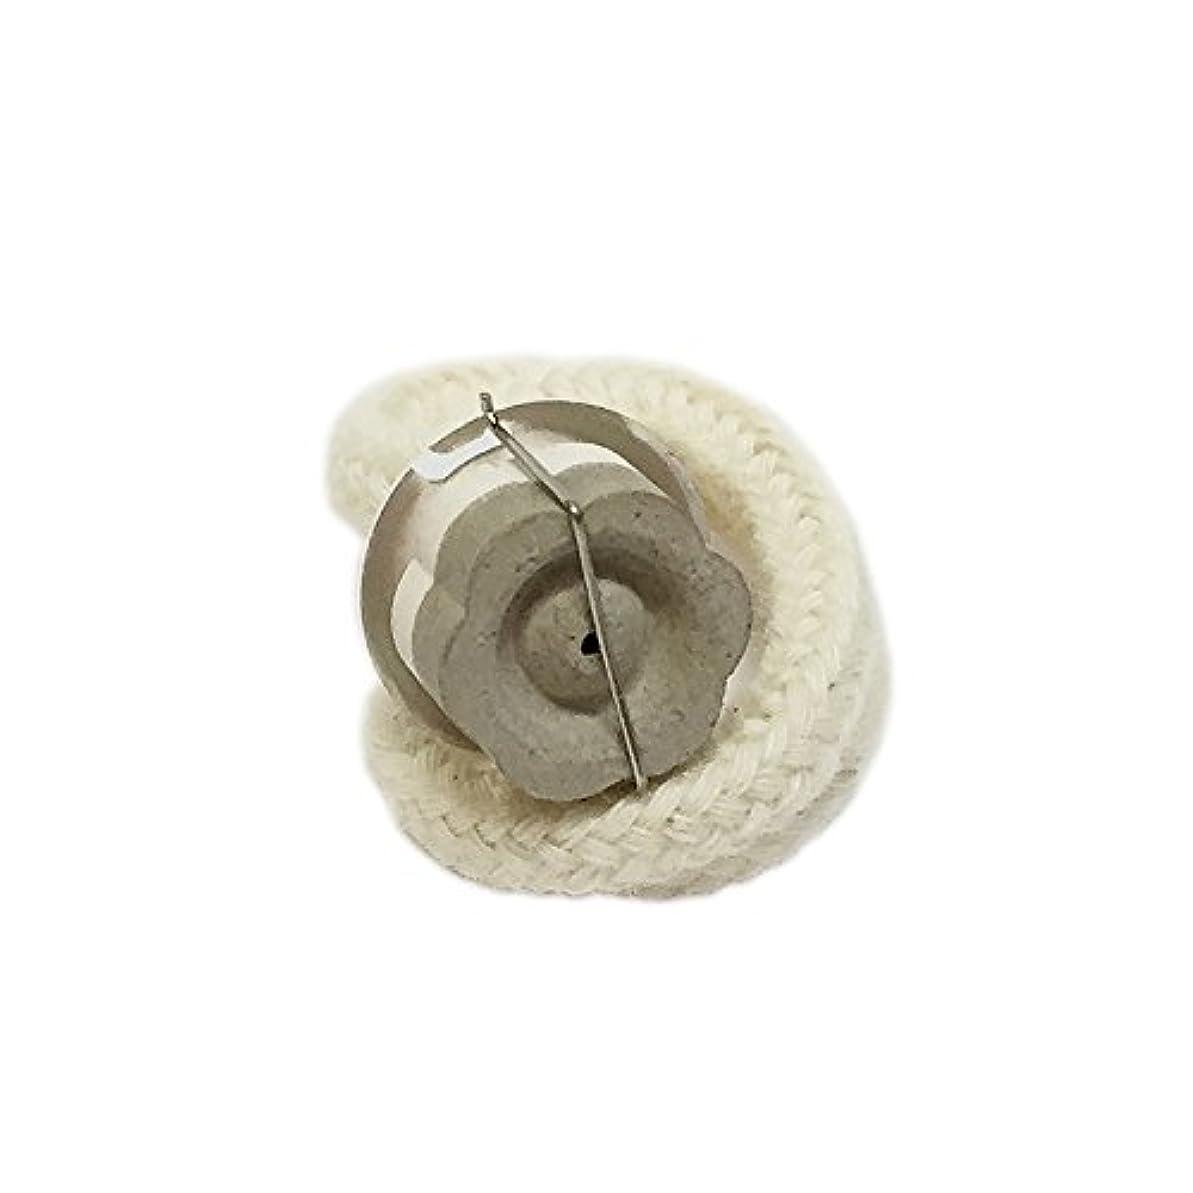 対応する待つ麺ミニランプ用 交換バーナー (シルバー) セラミック芯